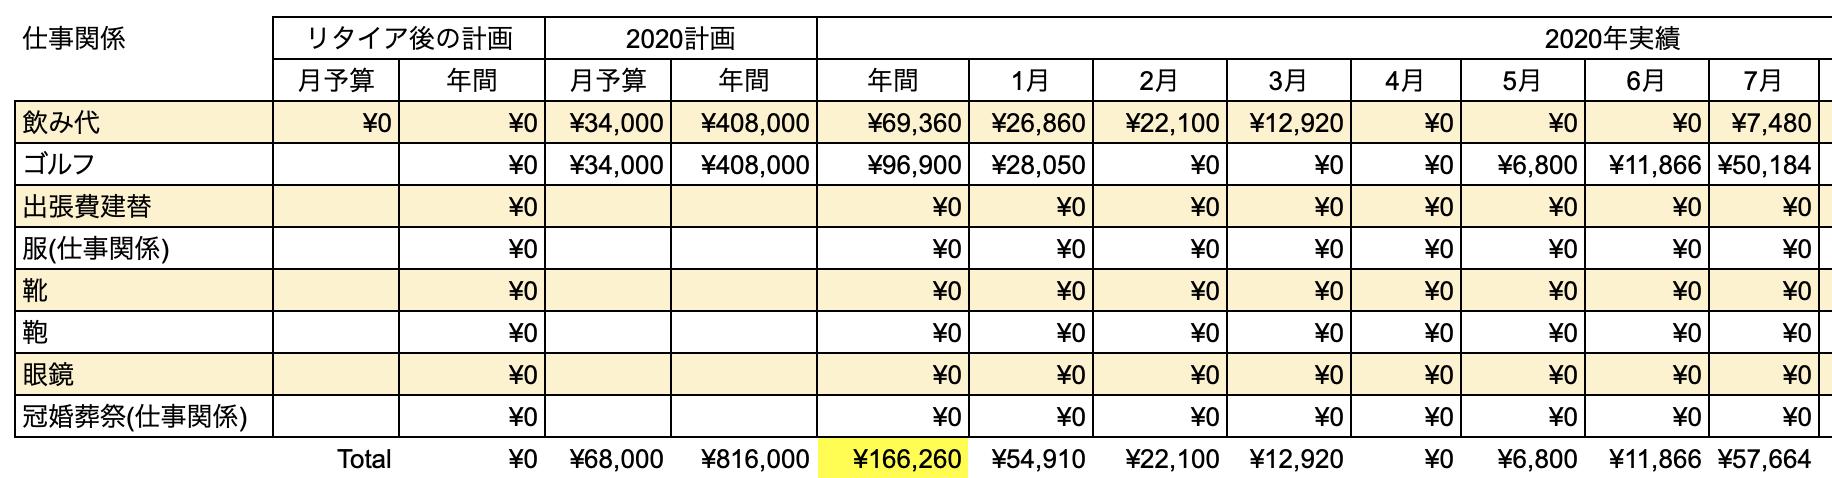 支出実績2020_07月_仕事関係費